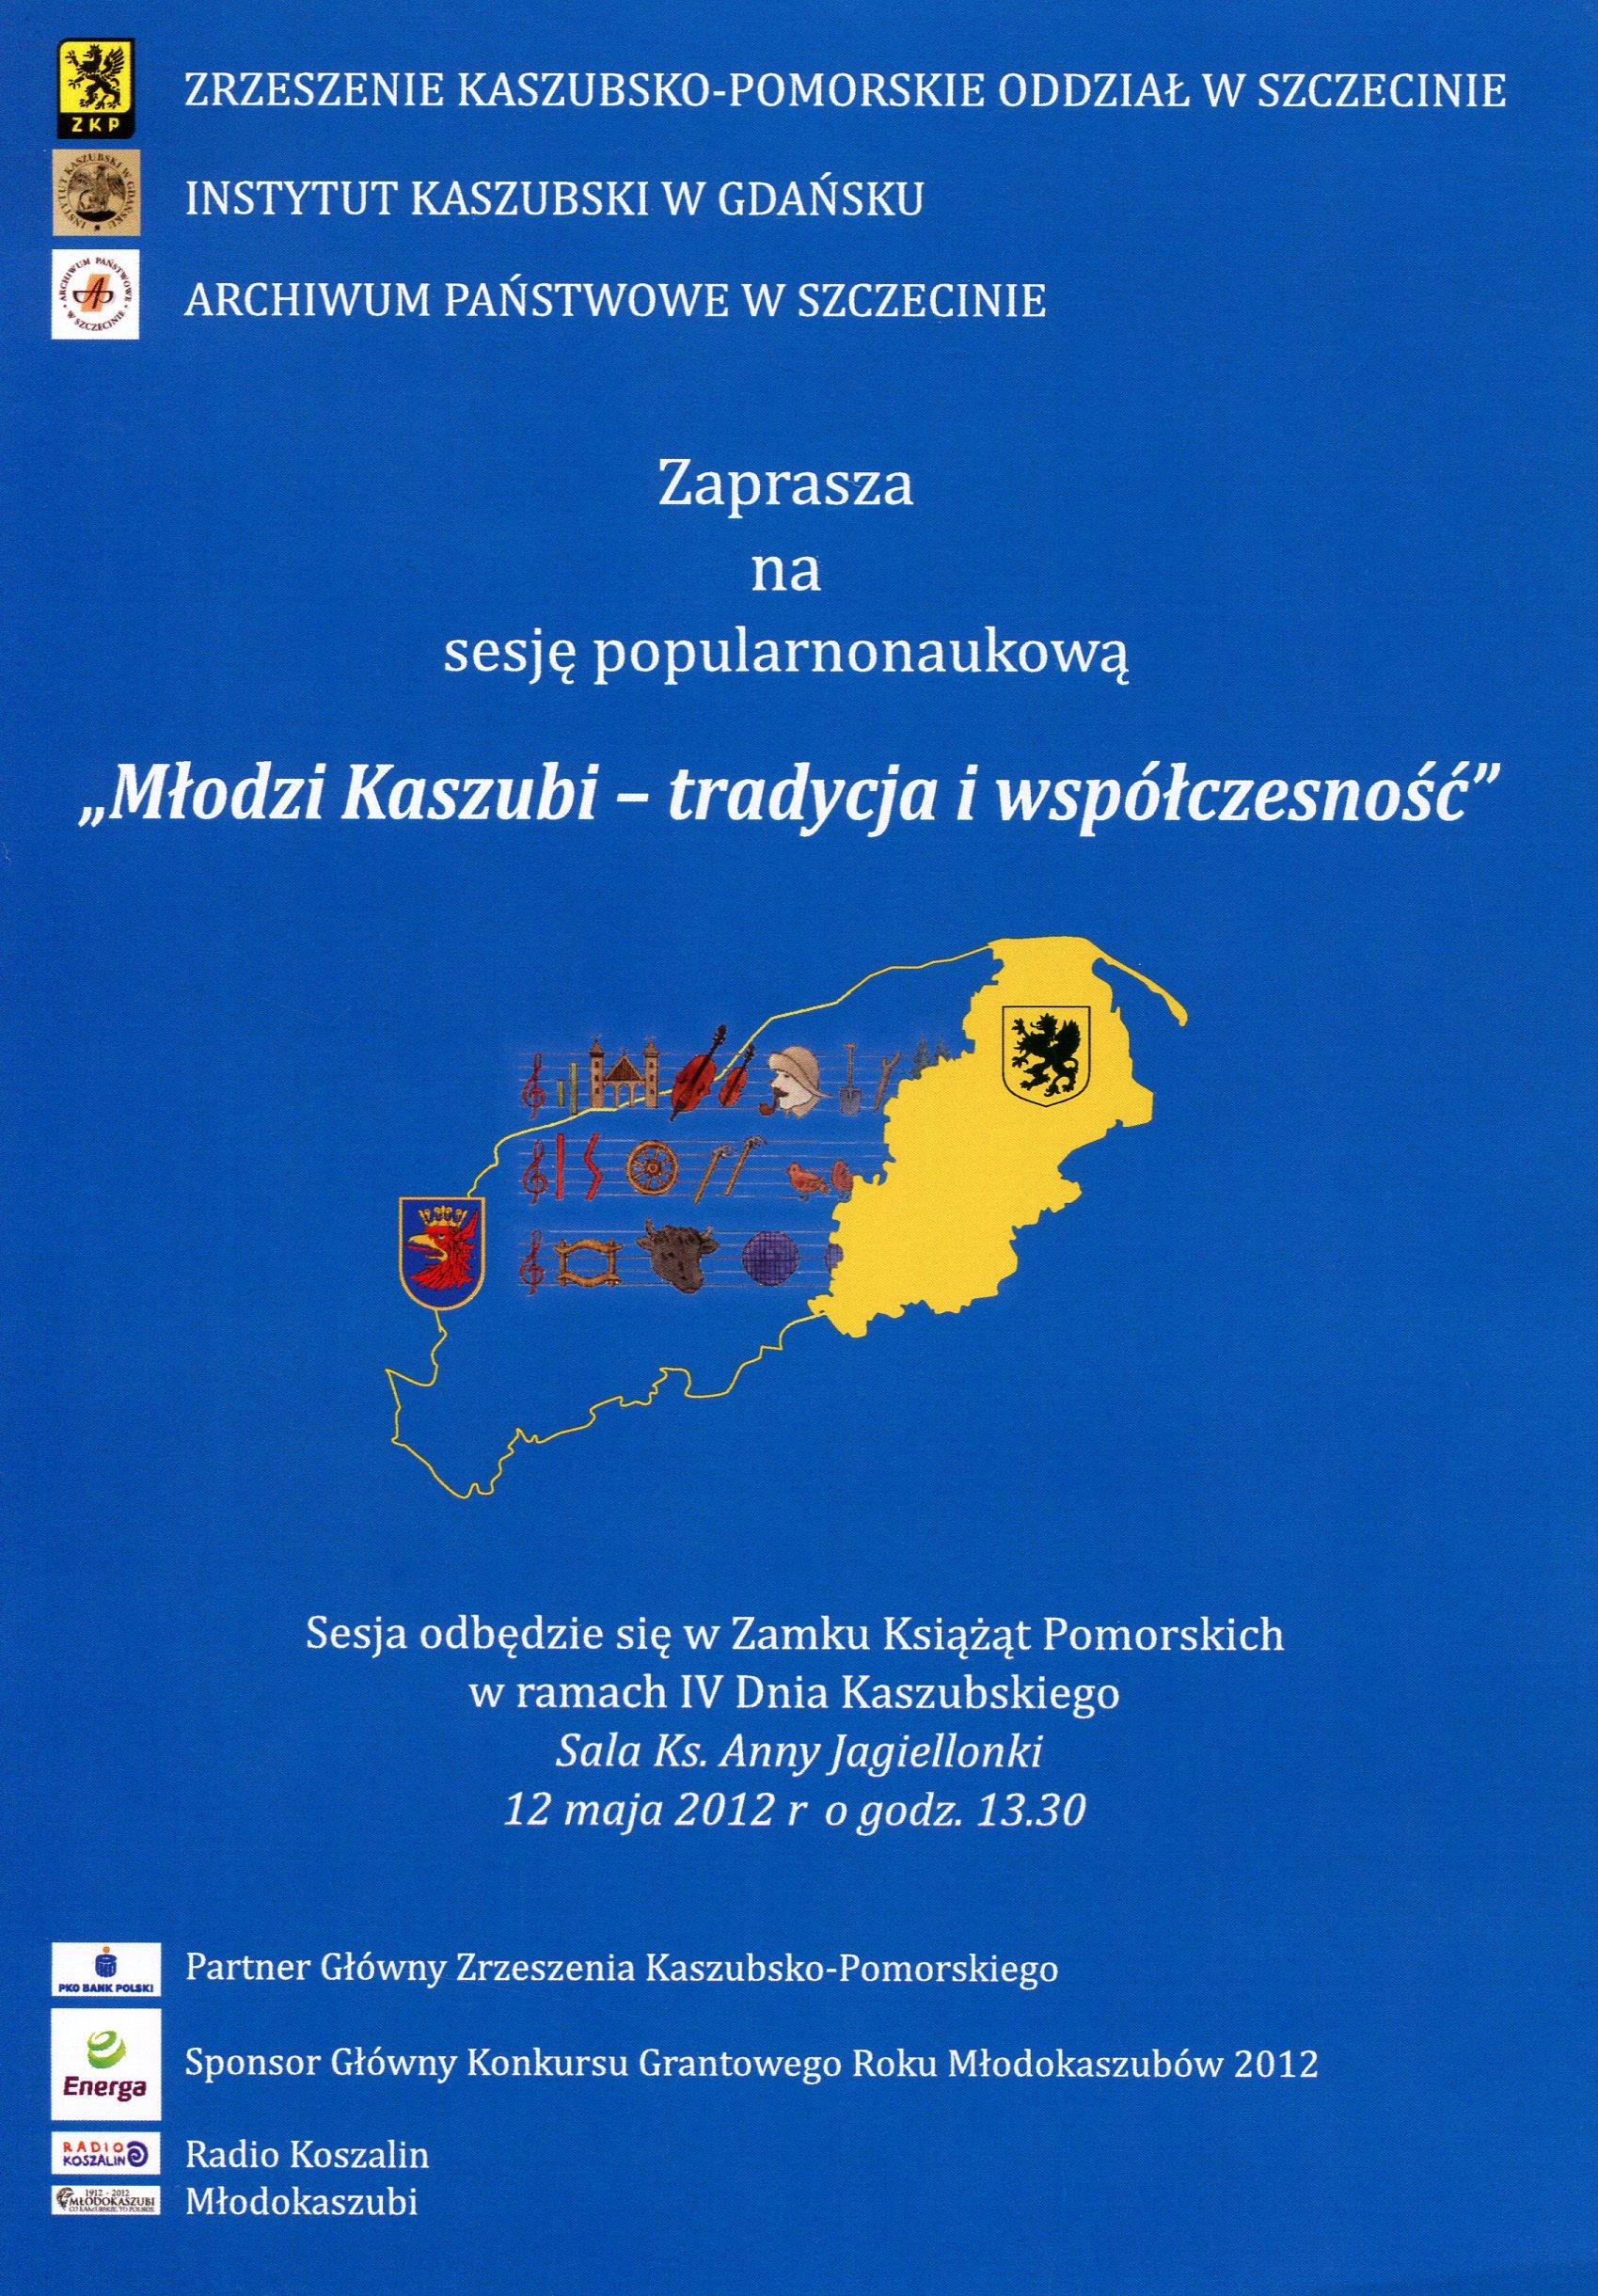 IV Dzień Kaszubski w Szczecinie | Archiwum Państwowe w